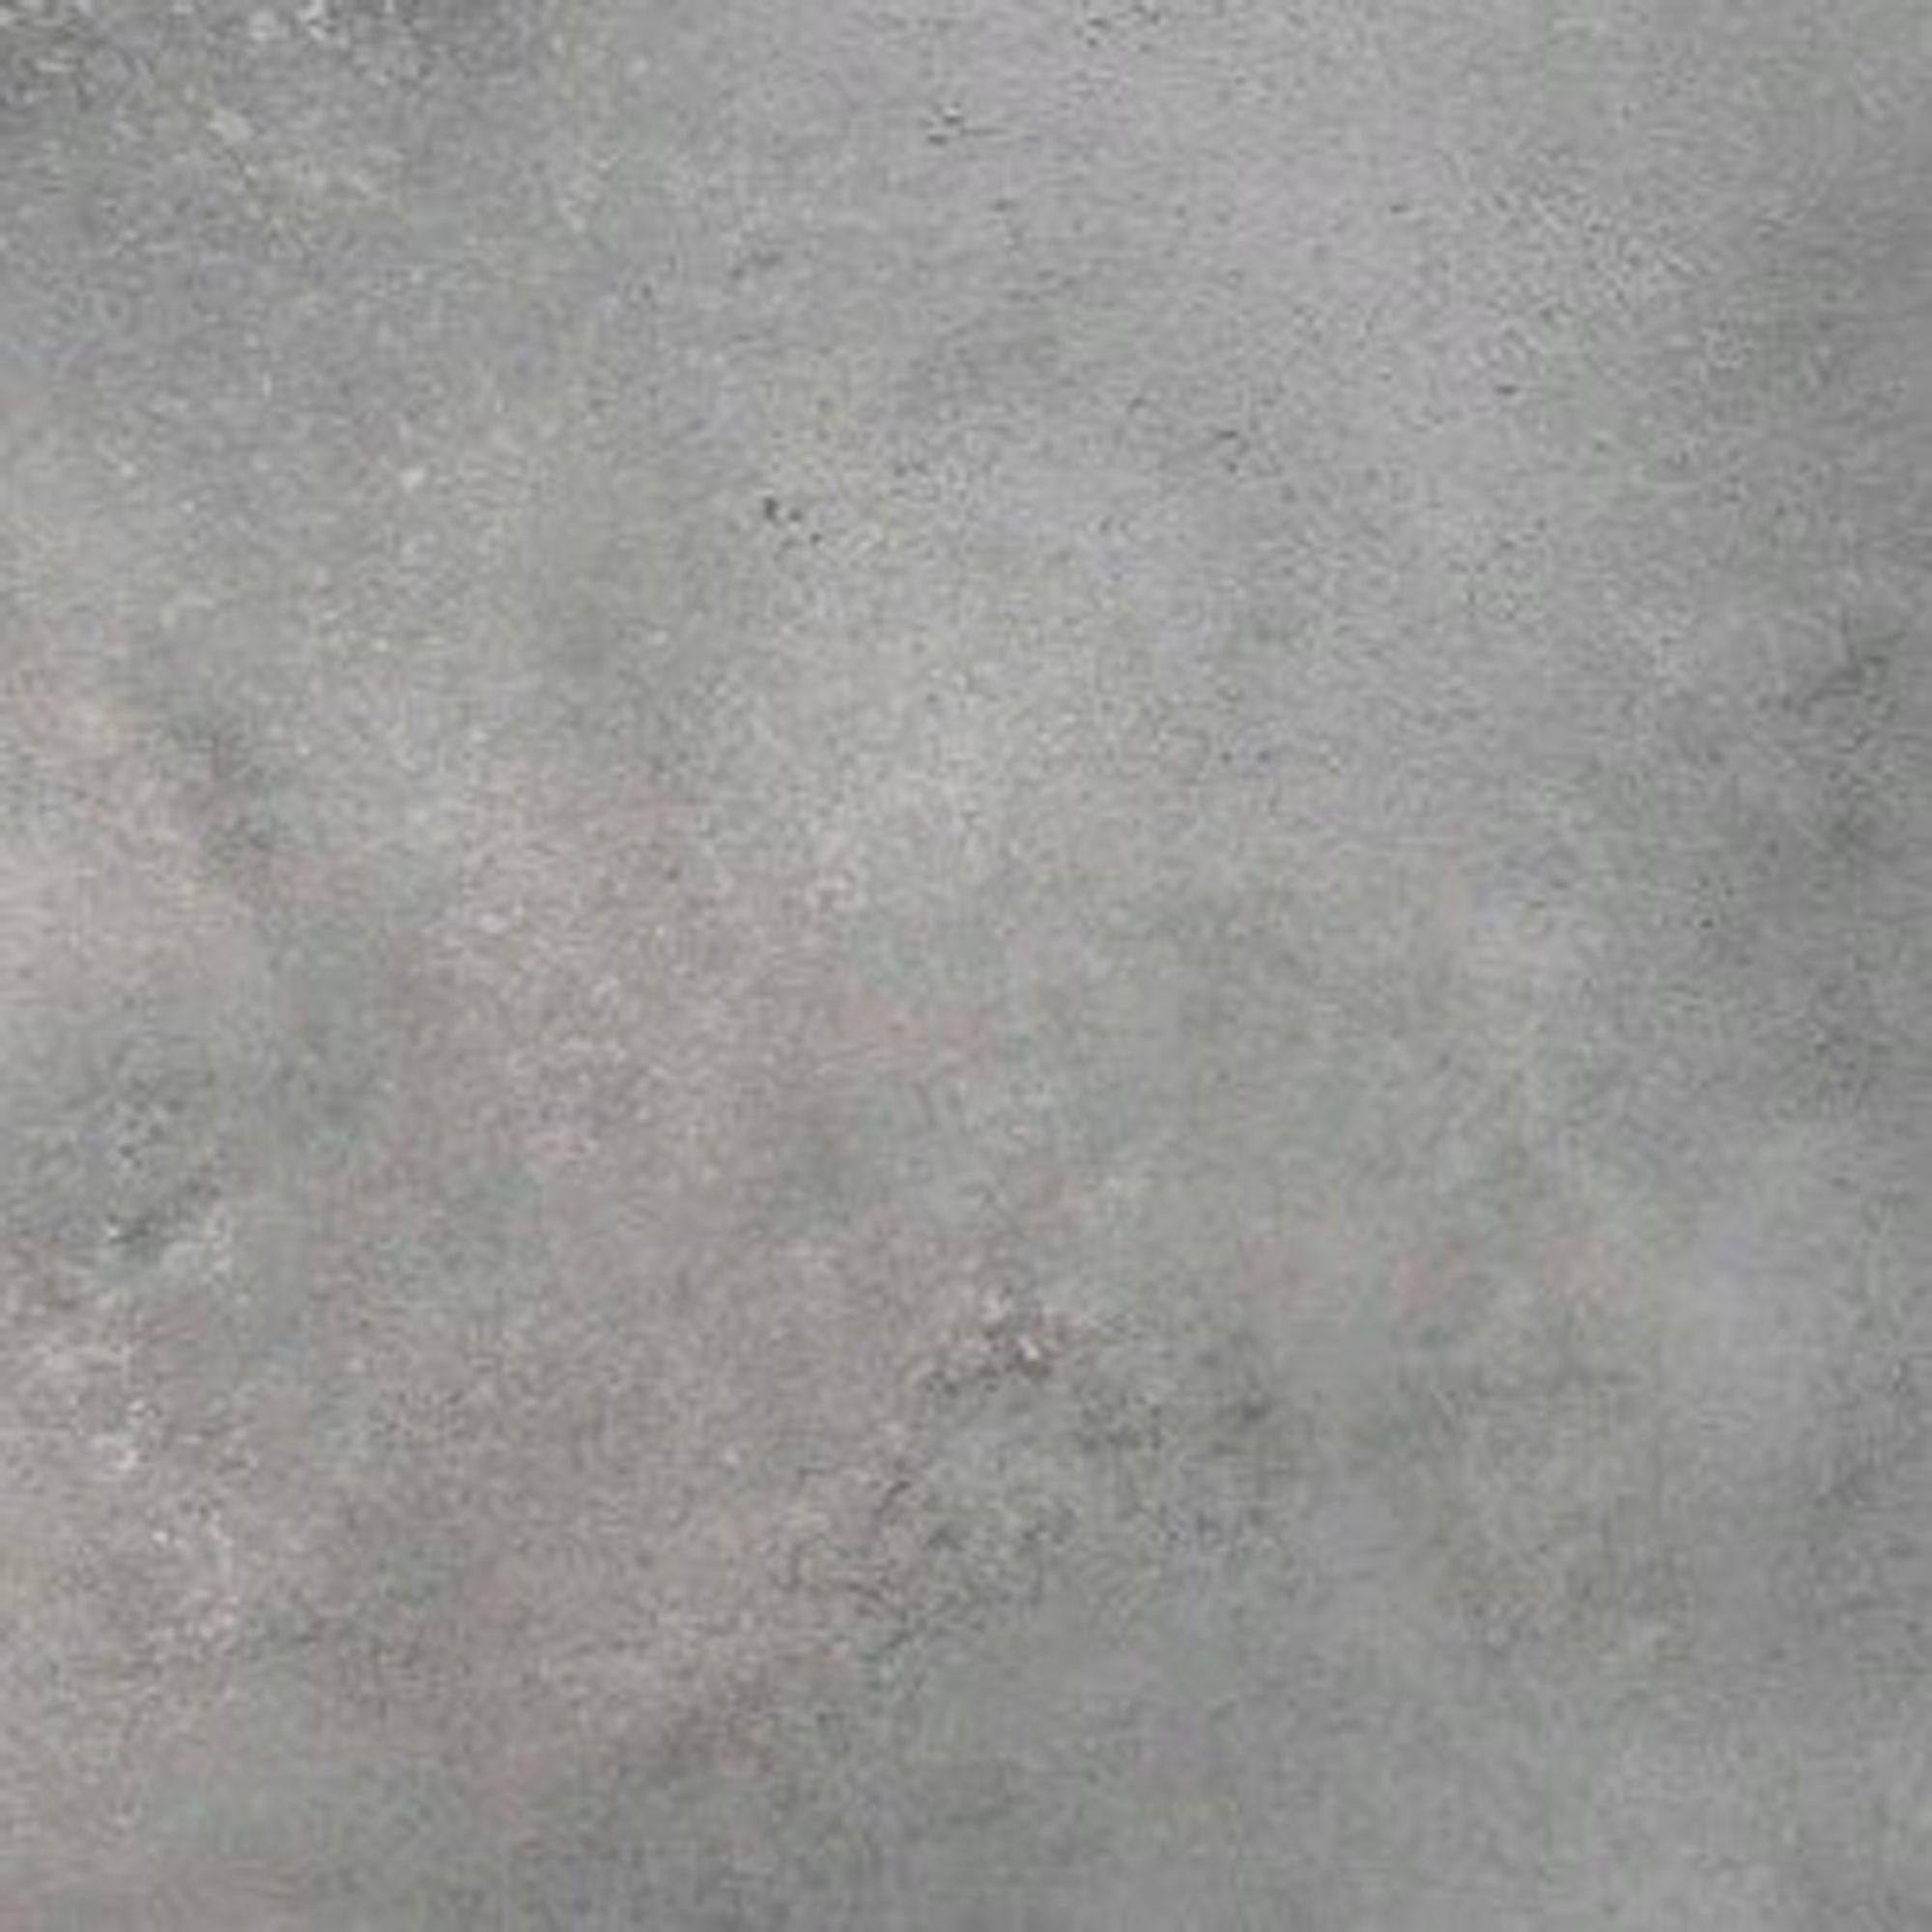 Concrete Floor Tiles Kitchens Pinterest Concrete Floor And